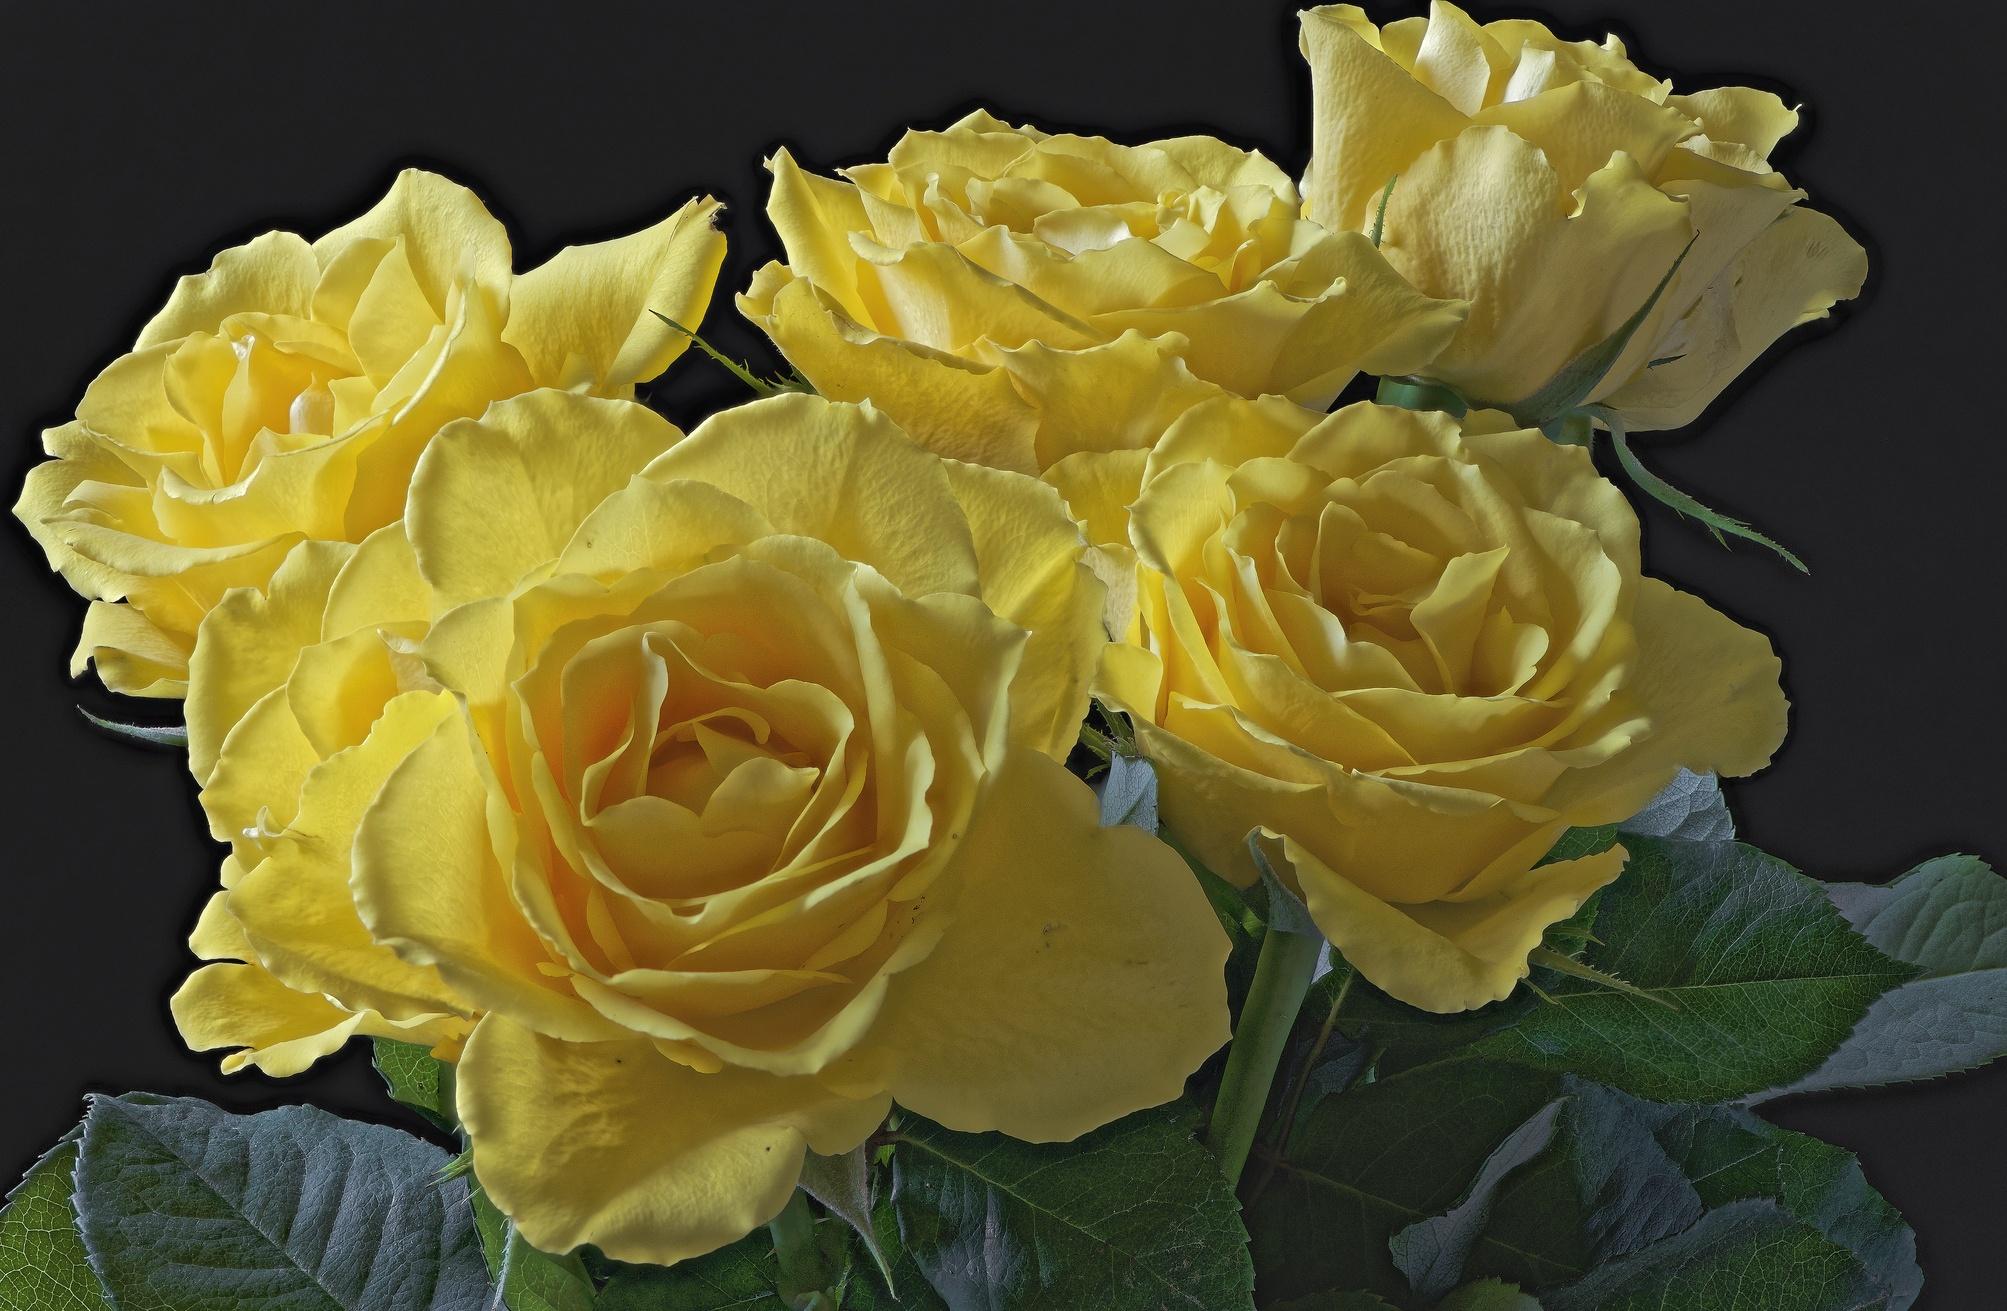 сегодня обои желтые розы сомневаться, что